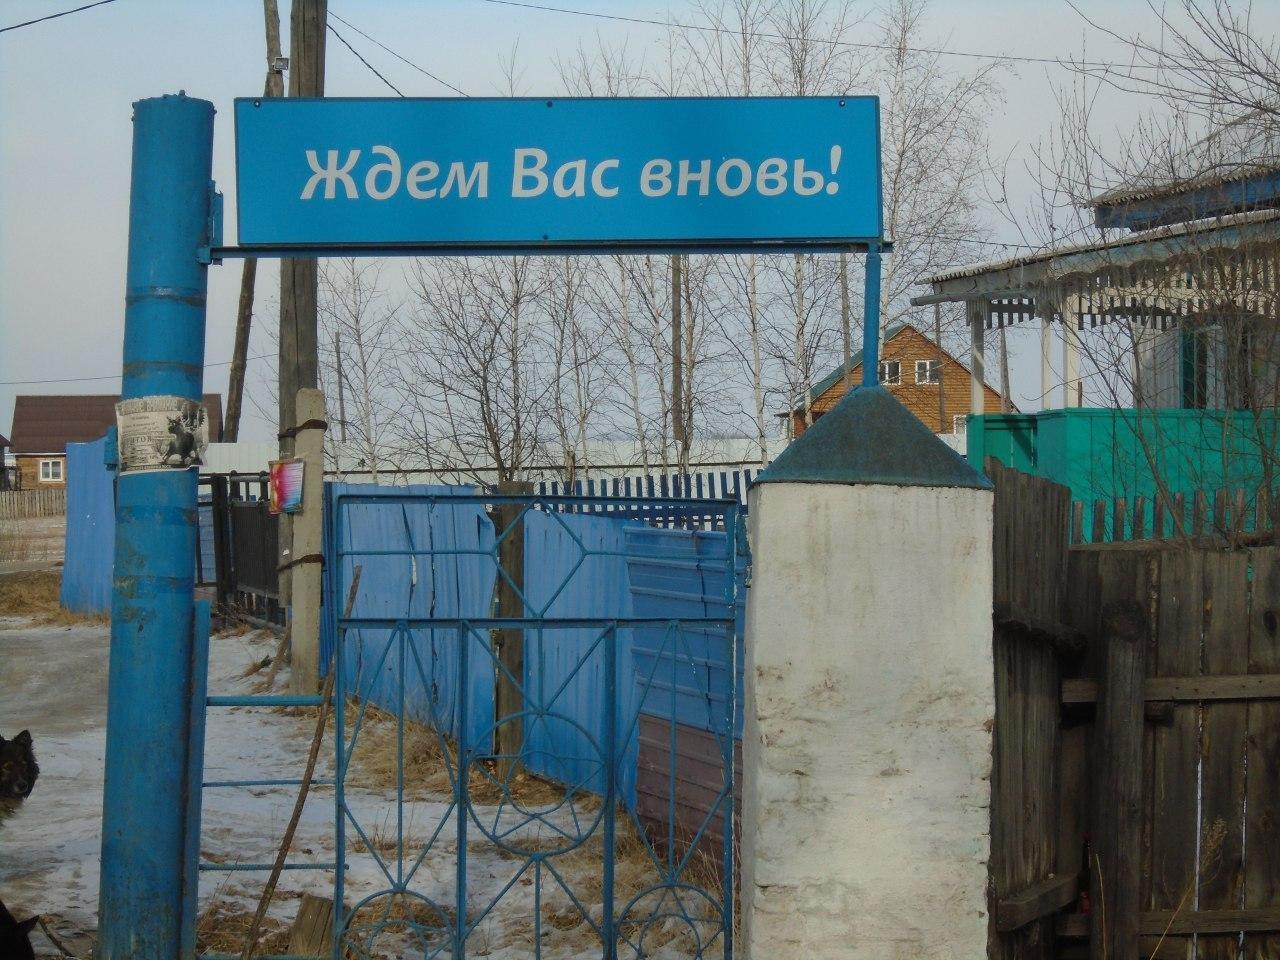 Пациенты Ямкуна написали обращение Осипову и депутатам с просьбой сохранить лечебницу